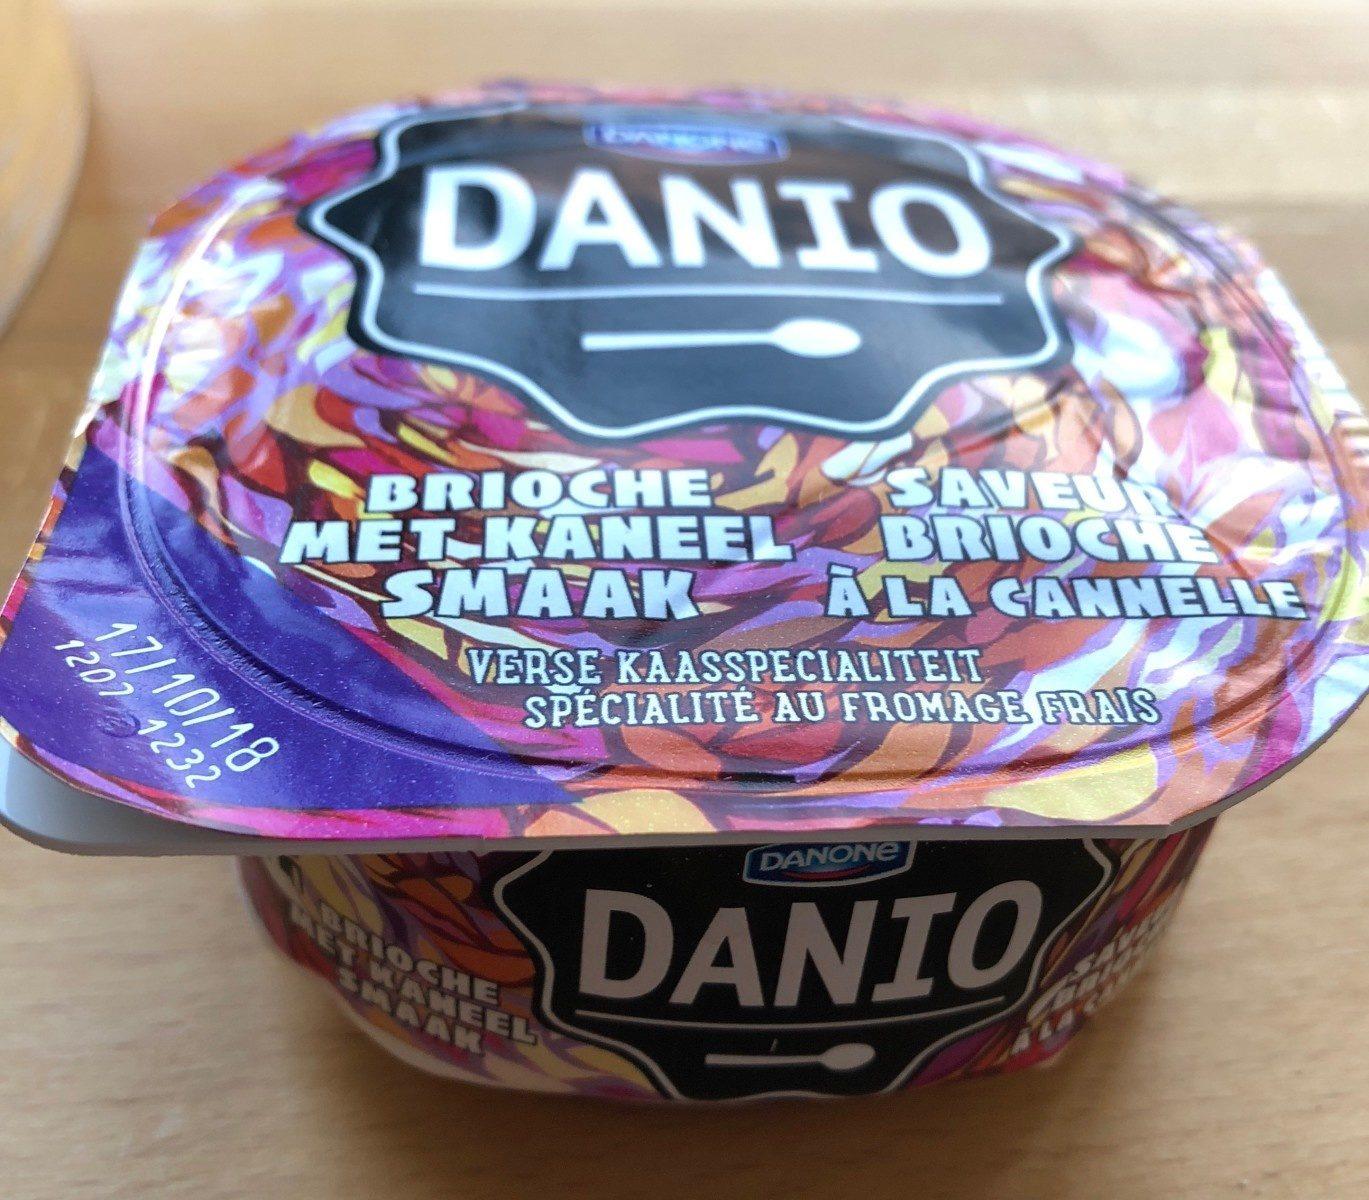 Danio - Product